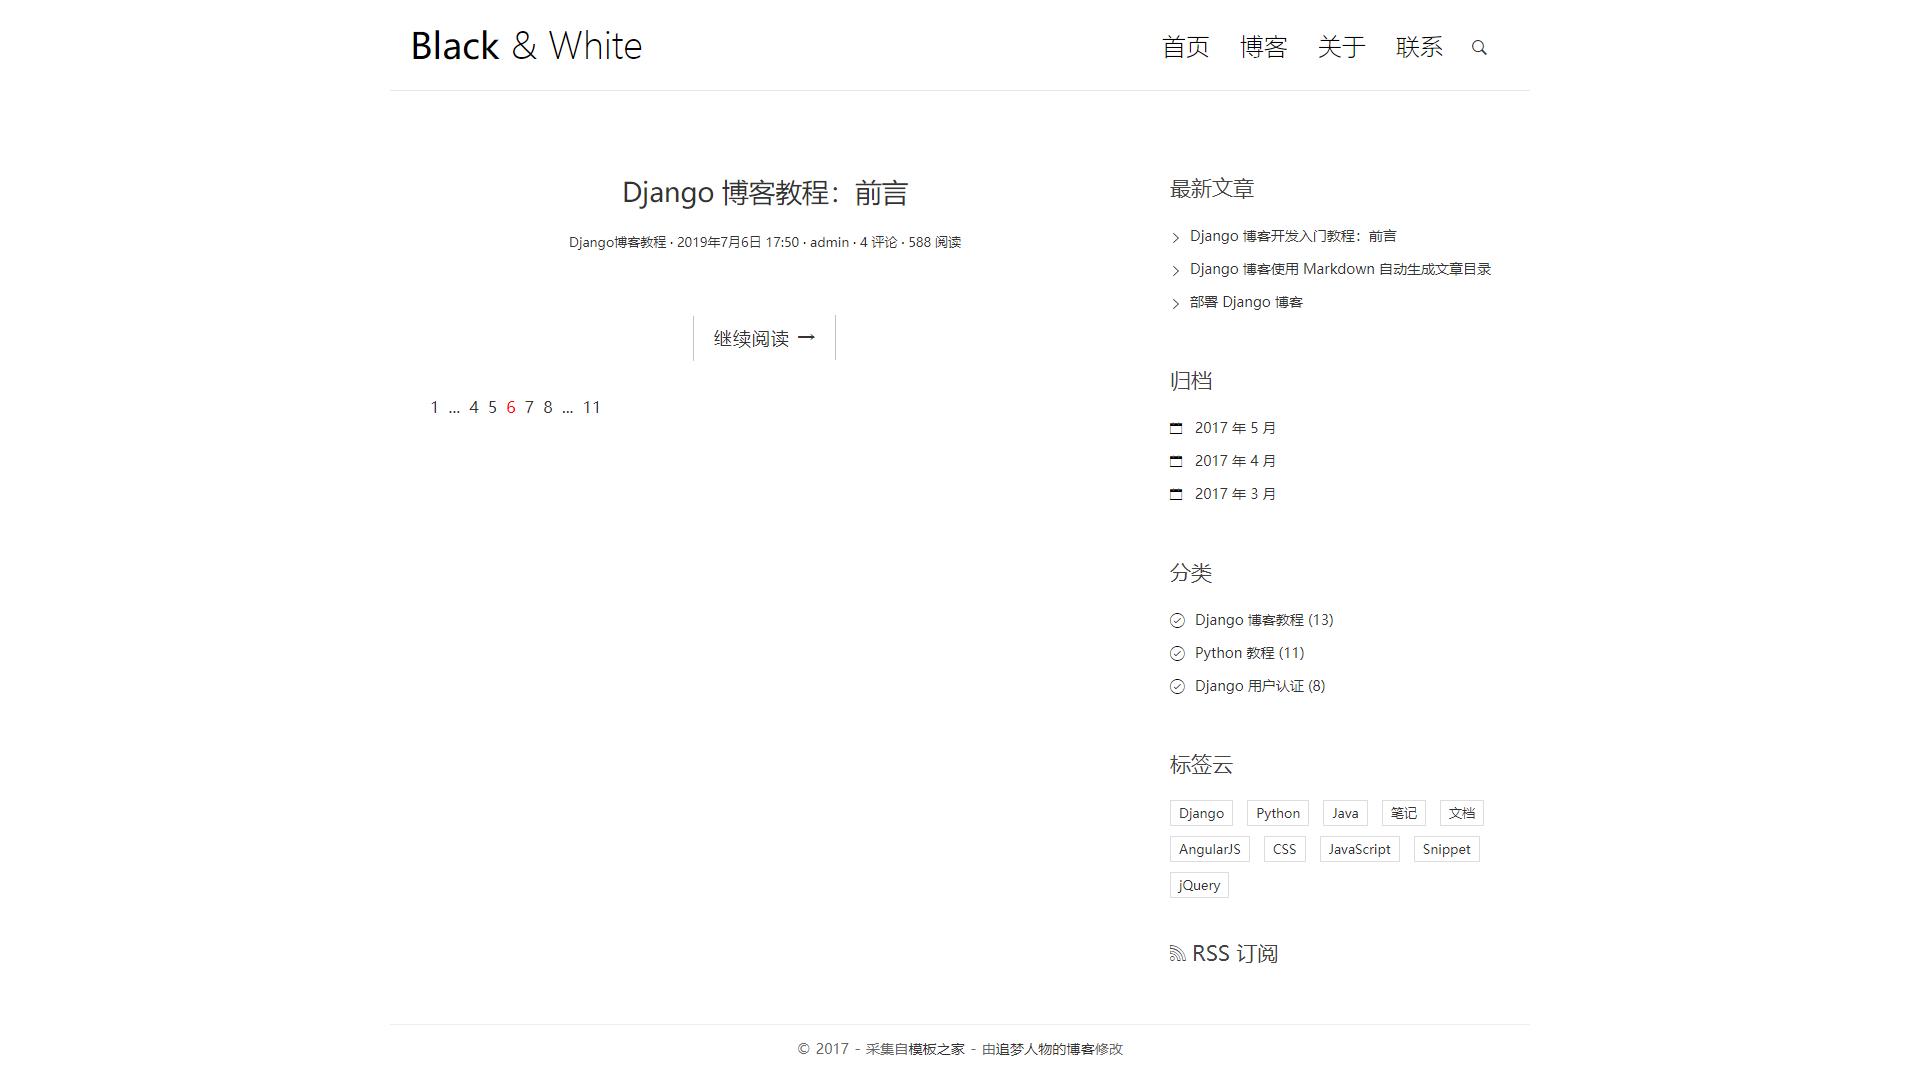 博客首页显示的文章列表